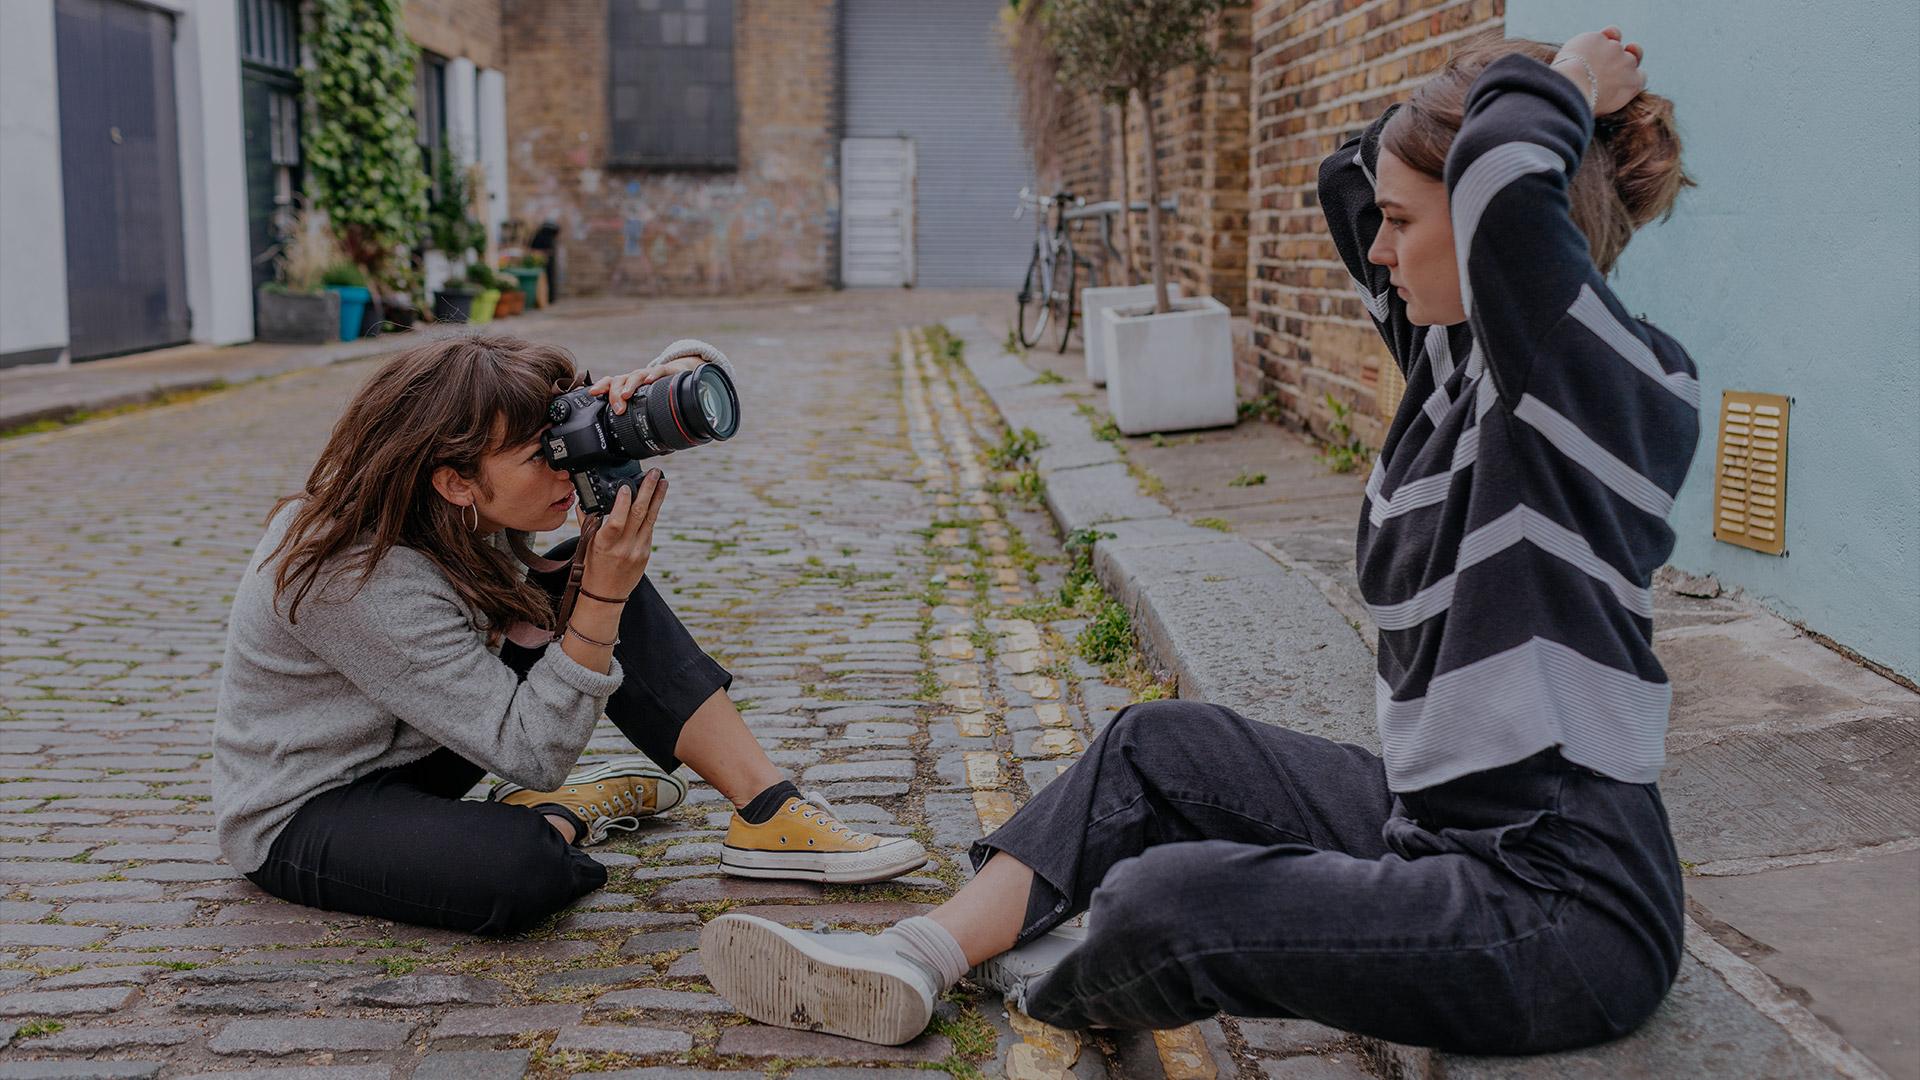 Canon 6D : Street Photoshoot